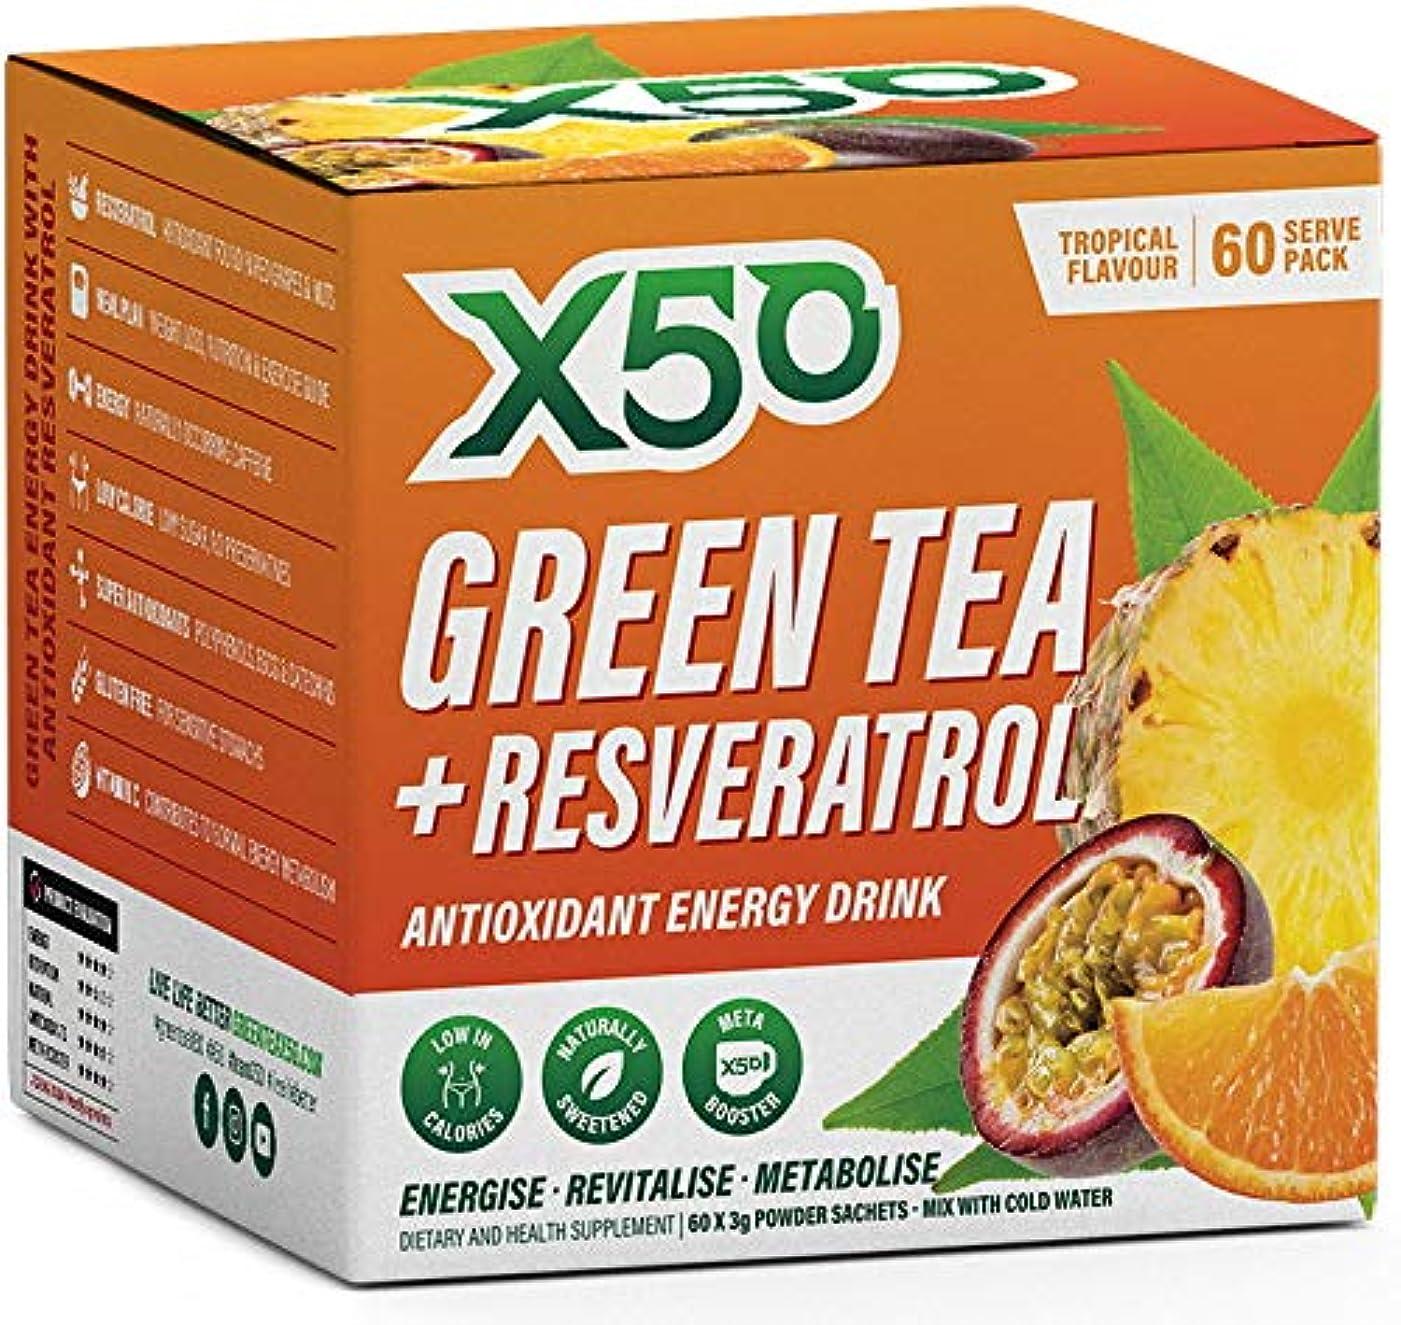 持続的ショット知り合いになるGreen Tea X50 [海外直送品] オーストラリア保健省?行政局認可製品 (Tropical(トロピカル味) x60袋)